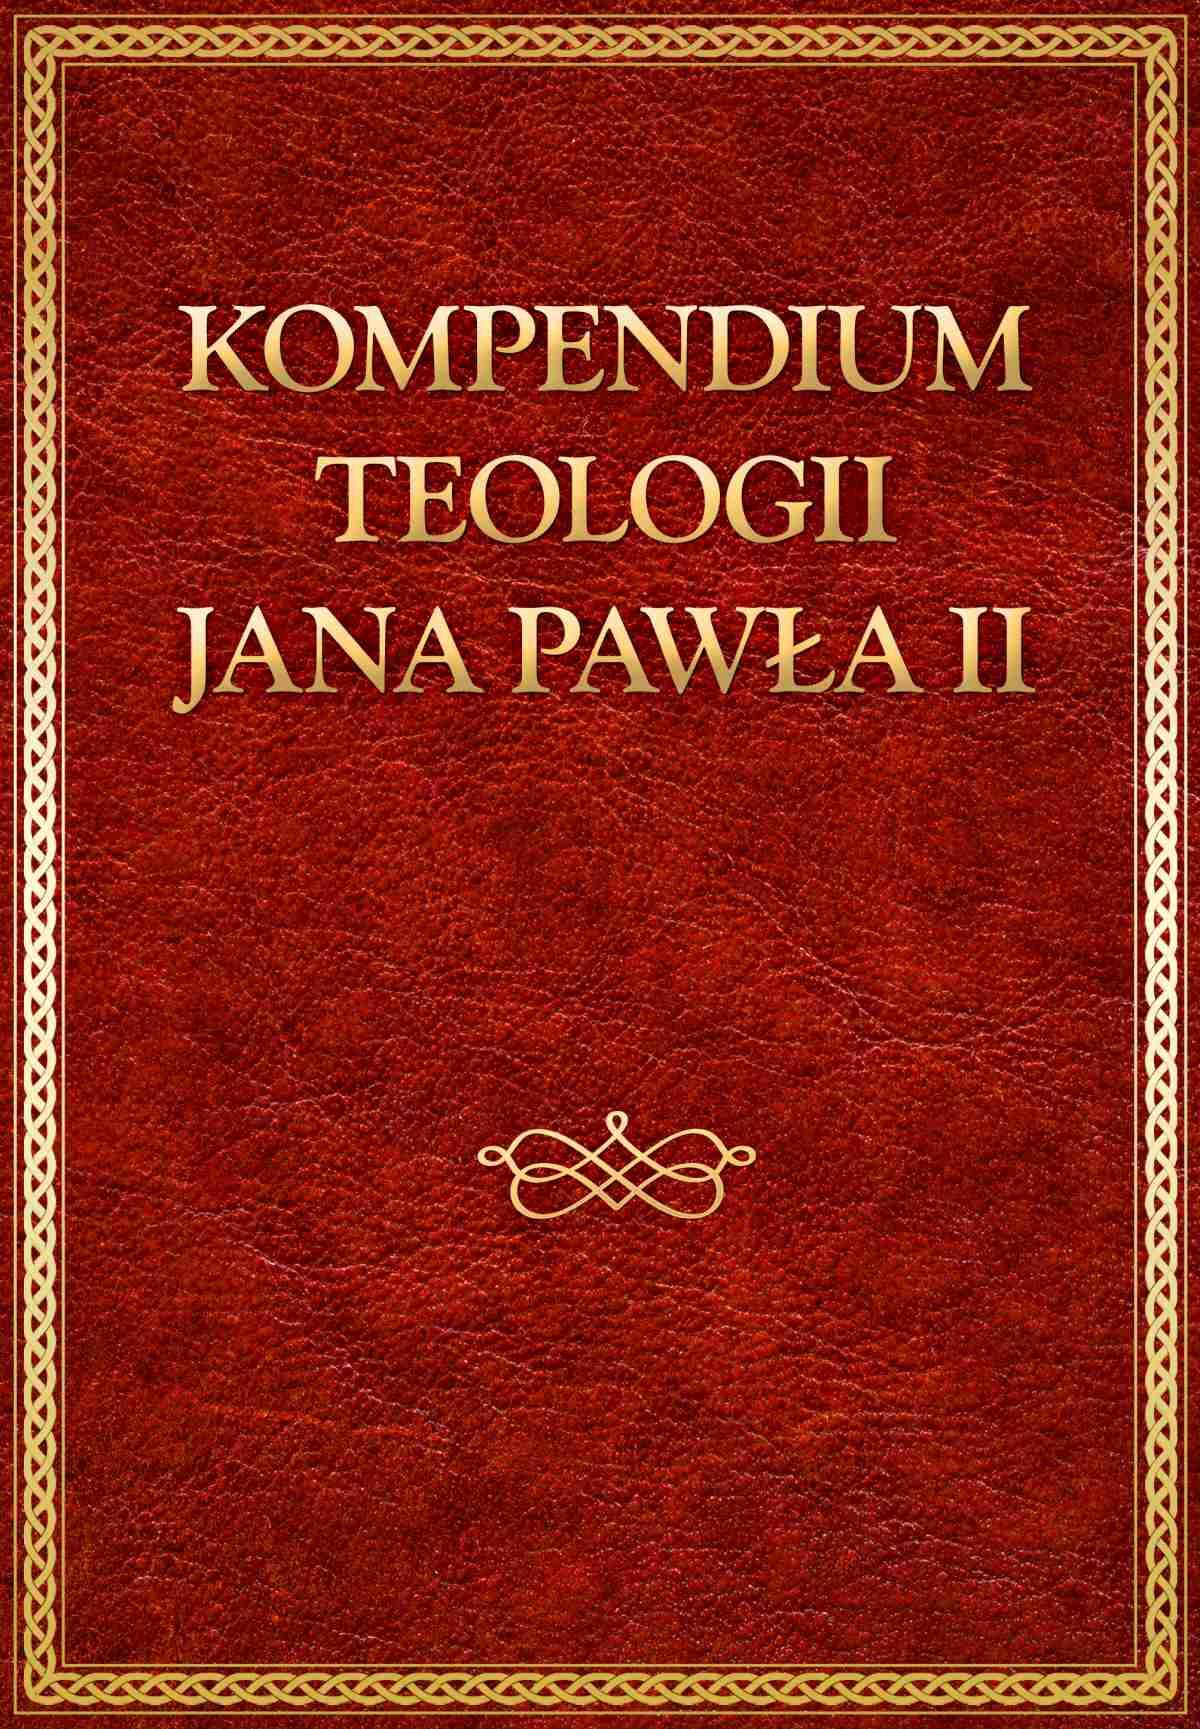 Kompendium teologii Jana Pawła II - Ebook (Książka EPUB) do pobrania w formacie EPUB